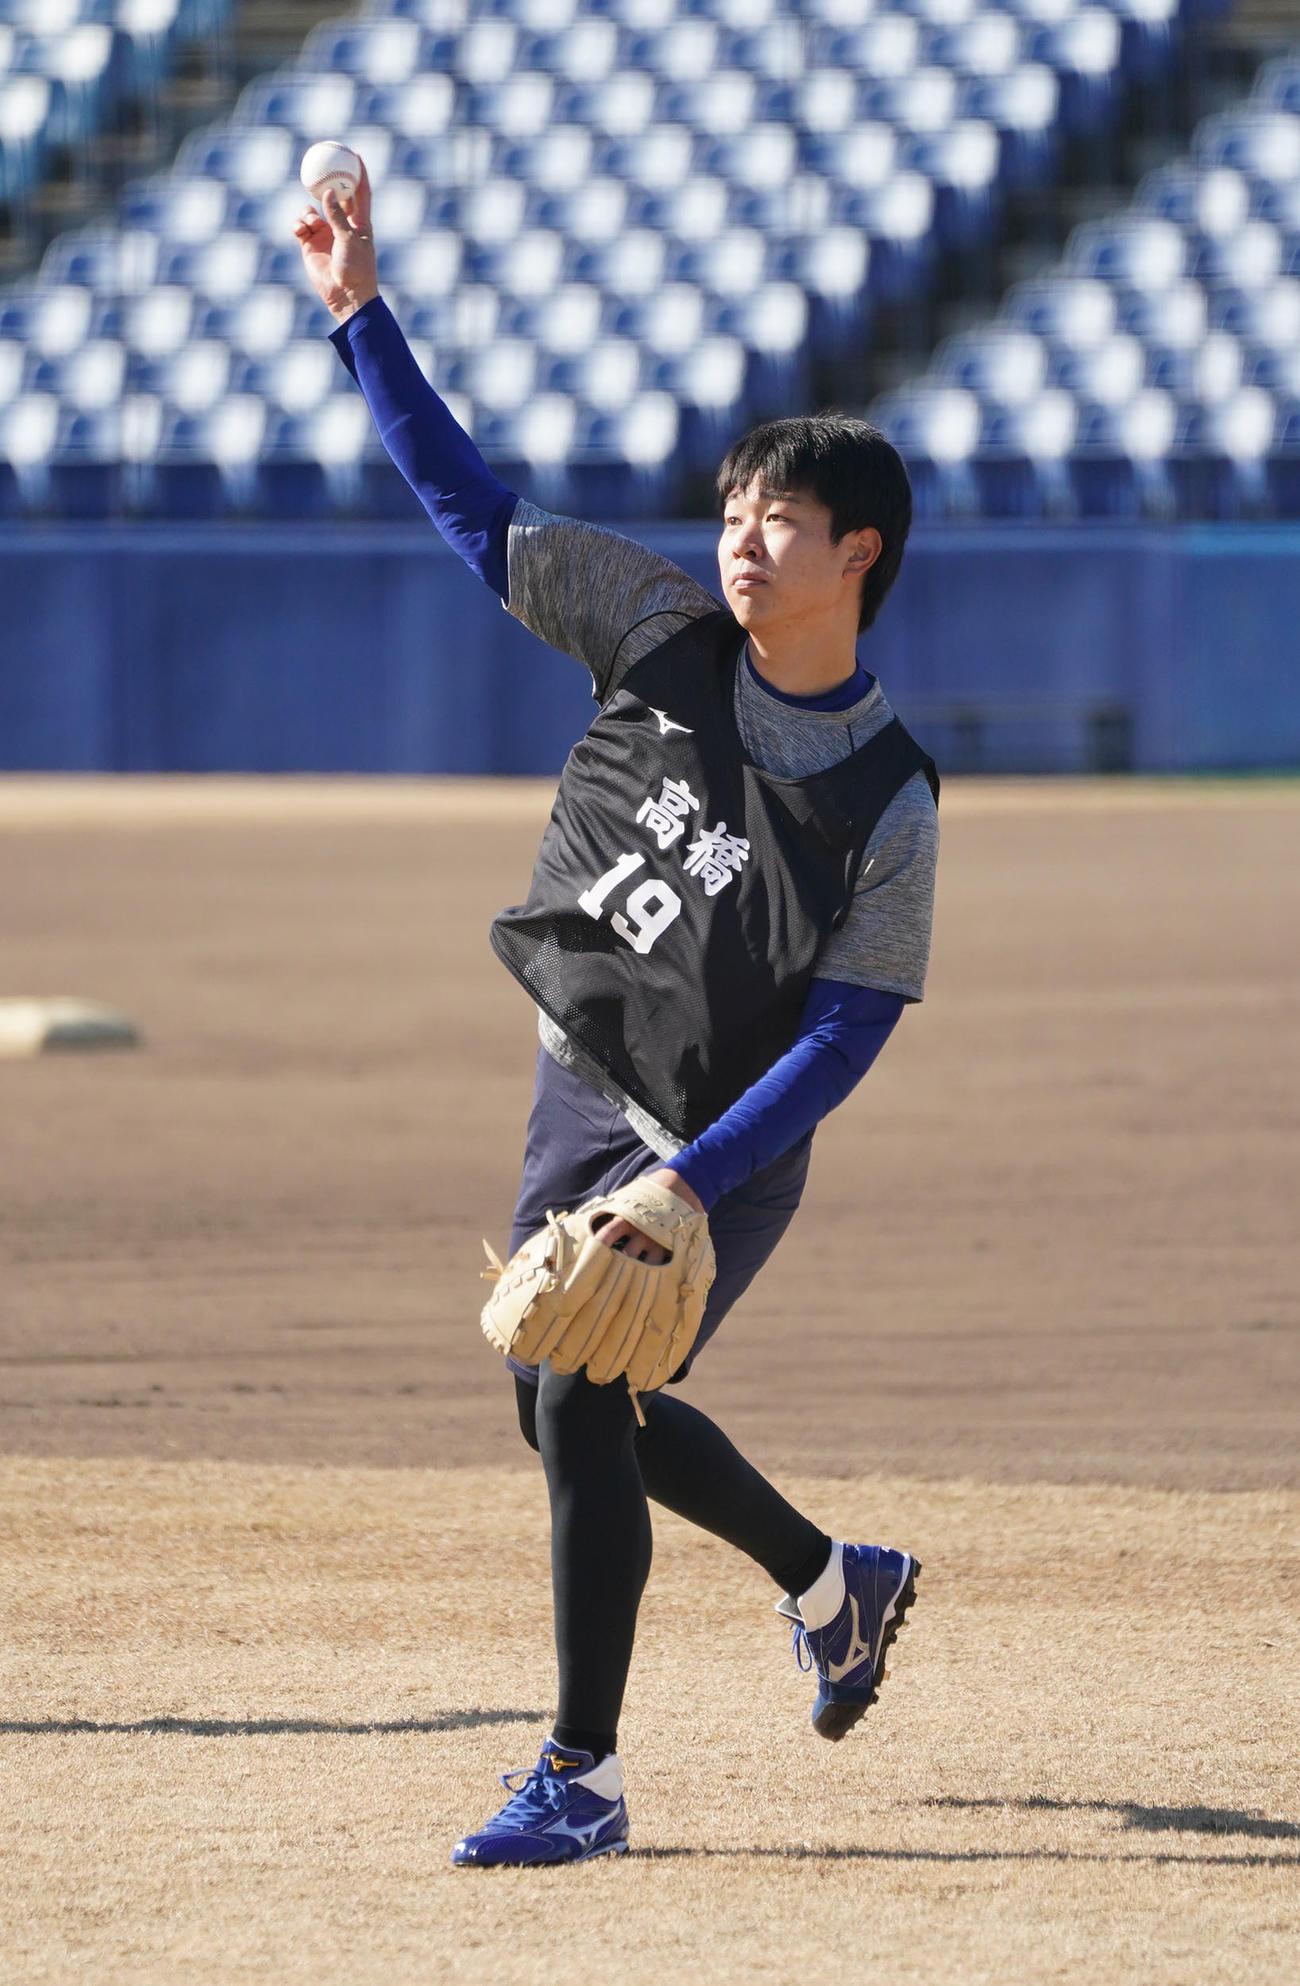 9日、新人合同自主トレでキャッチボールをする高橋宏